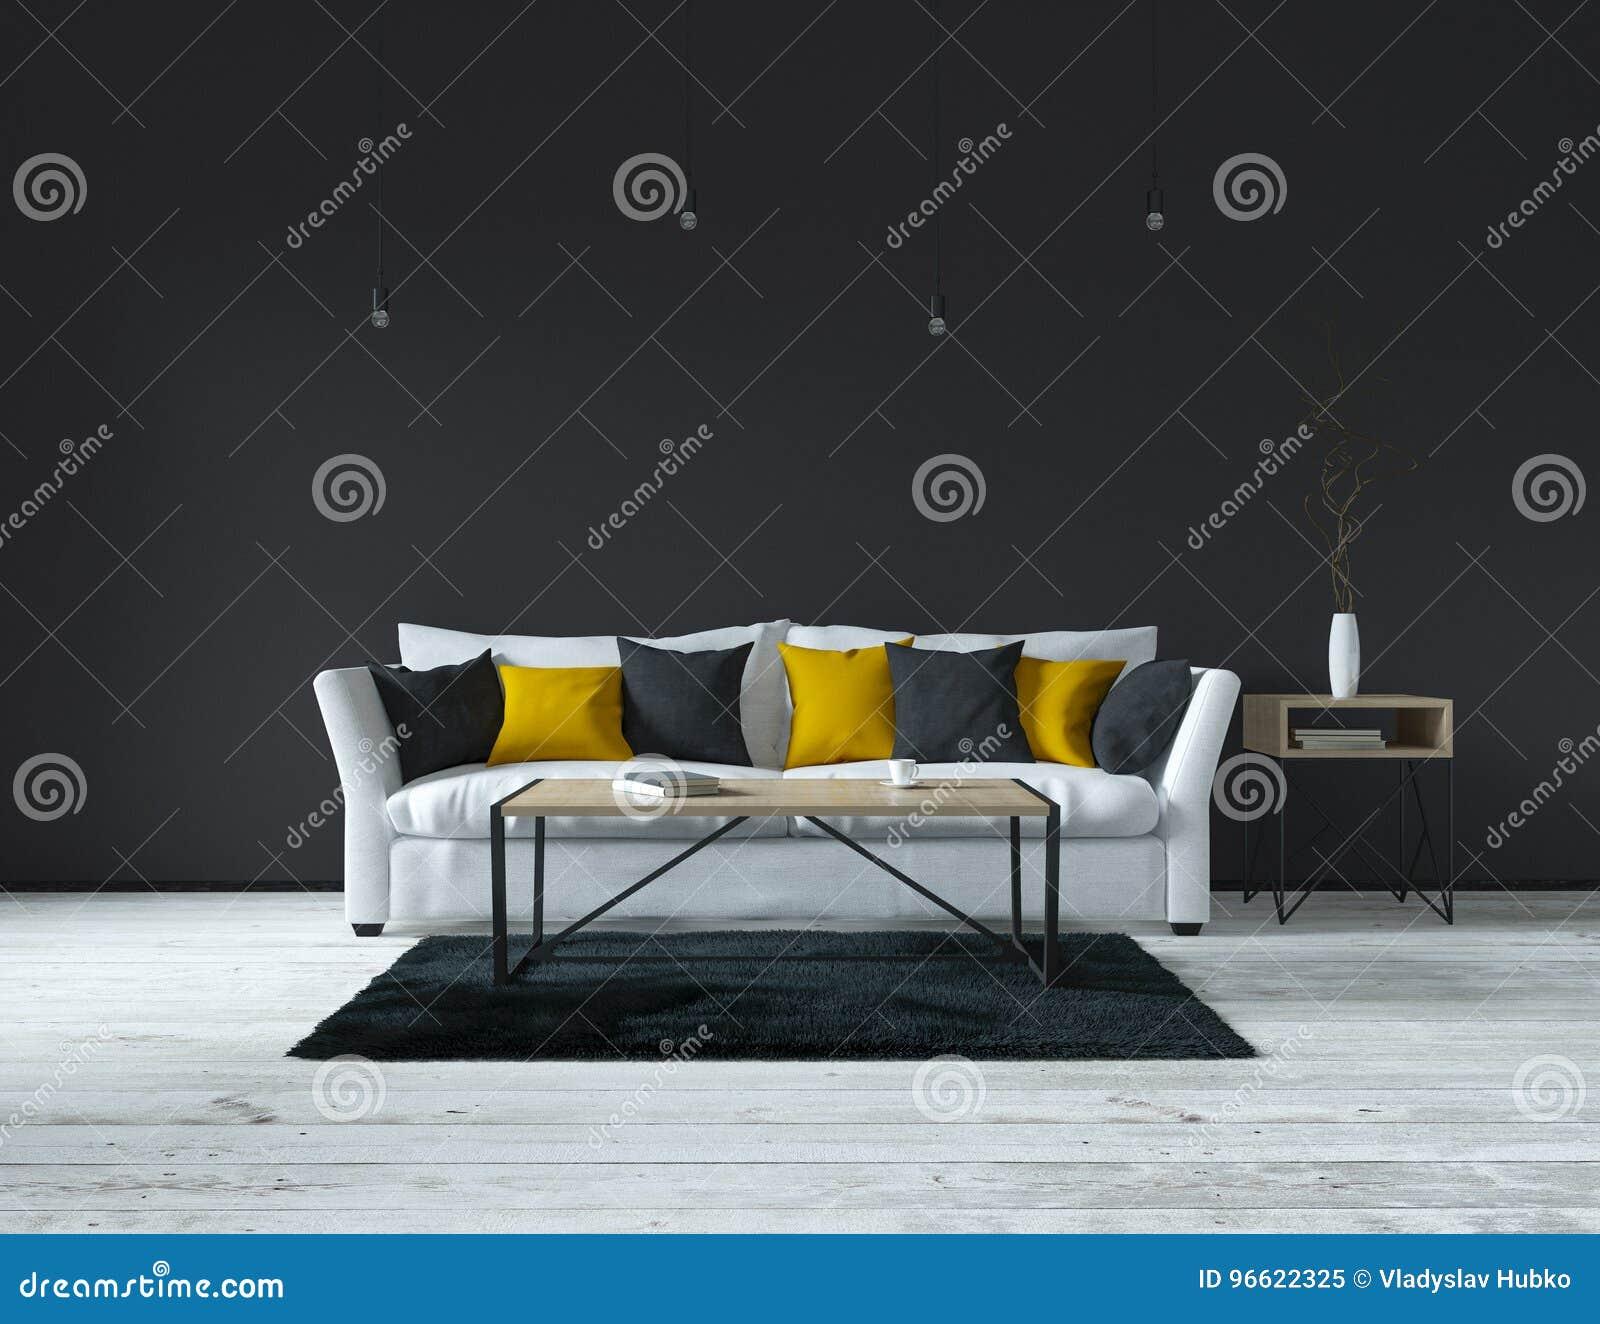 Innen-, Modernes Wohnzimmer Stock Abbildung - Illustration von dekor ...